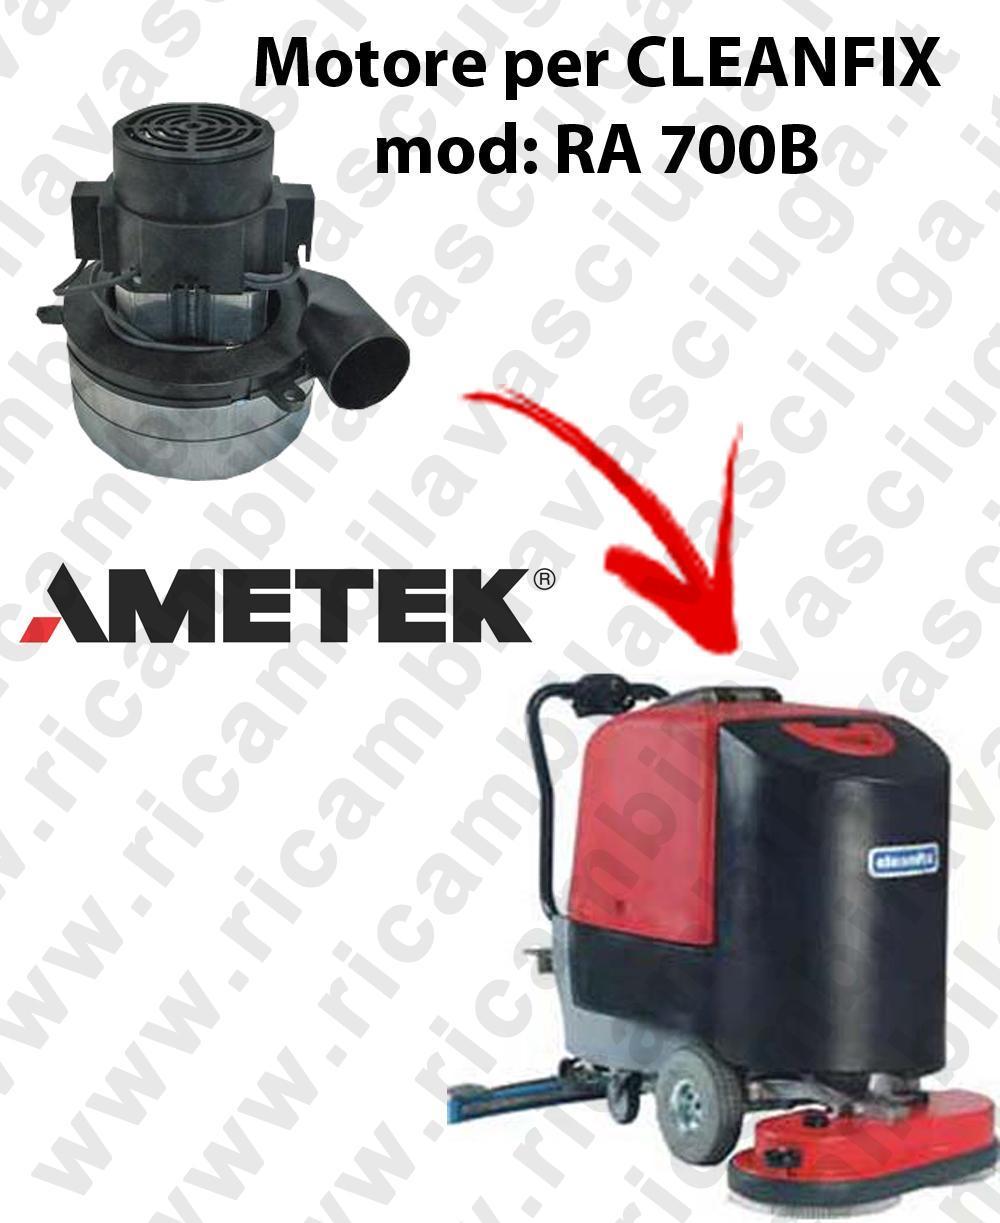 RA 700B Motore de aspiración Ametek Italia  para fregadora CLEANFIX